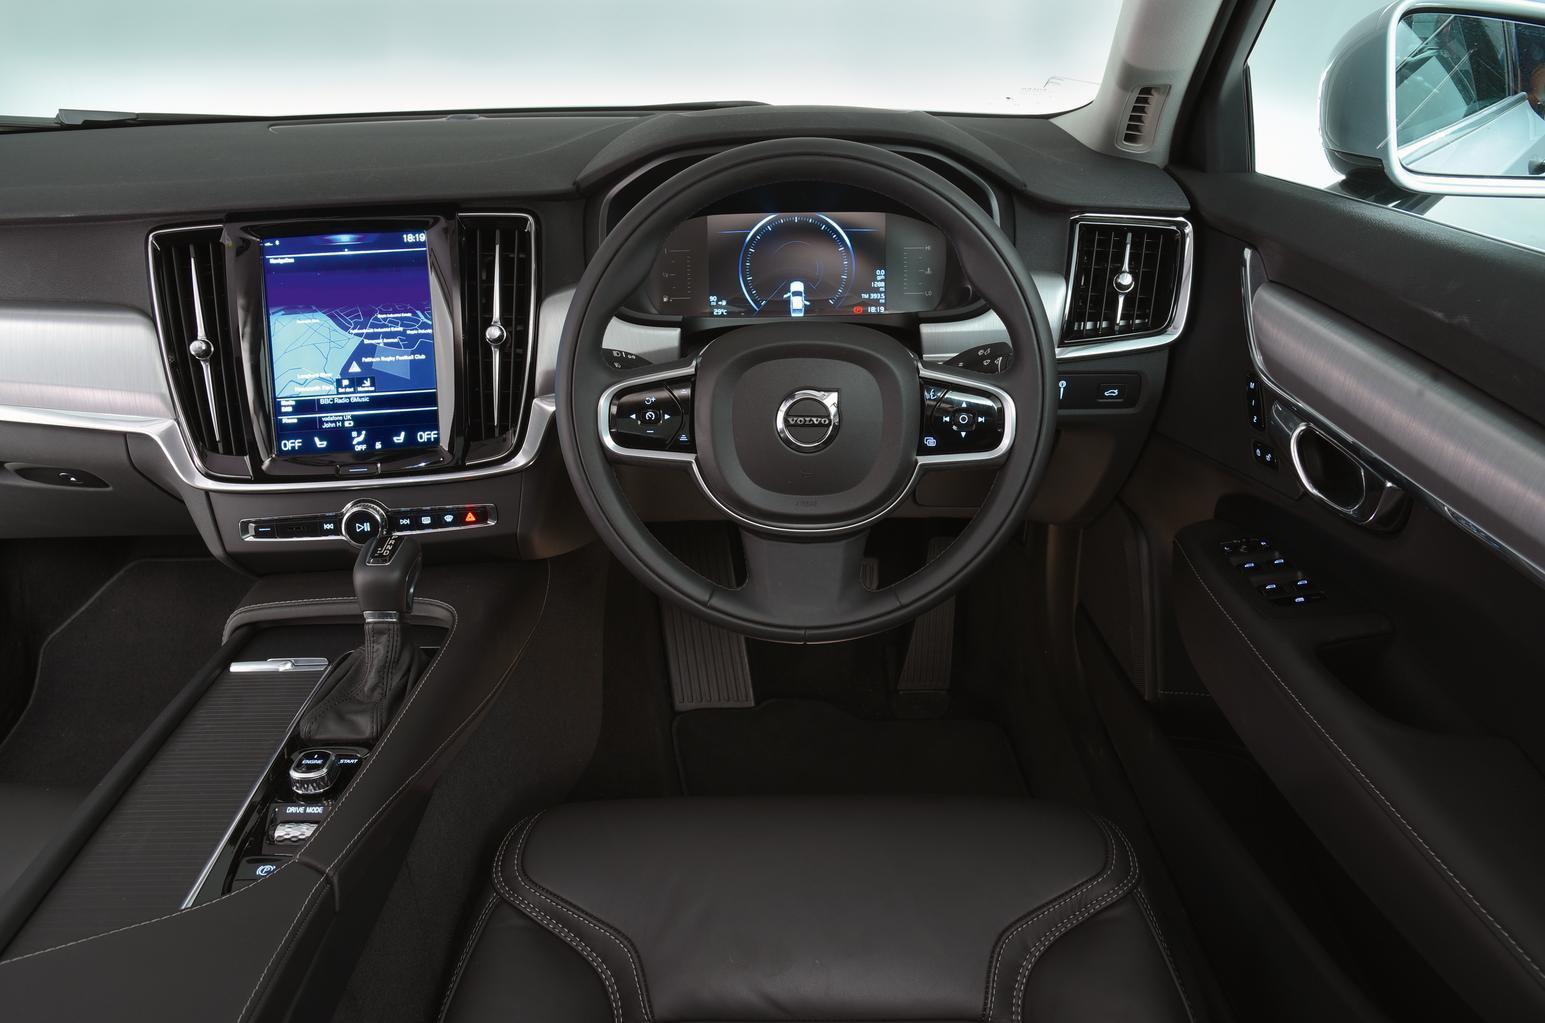 Audi A4 vs BMW 5 Series vs Volvo S90